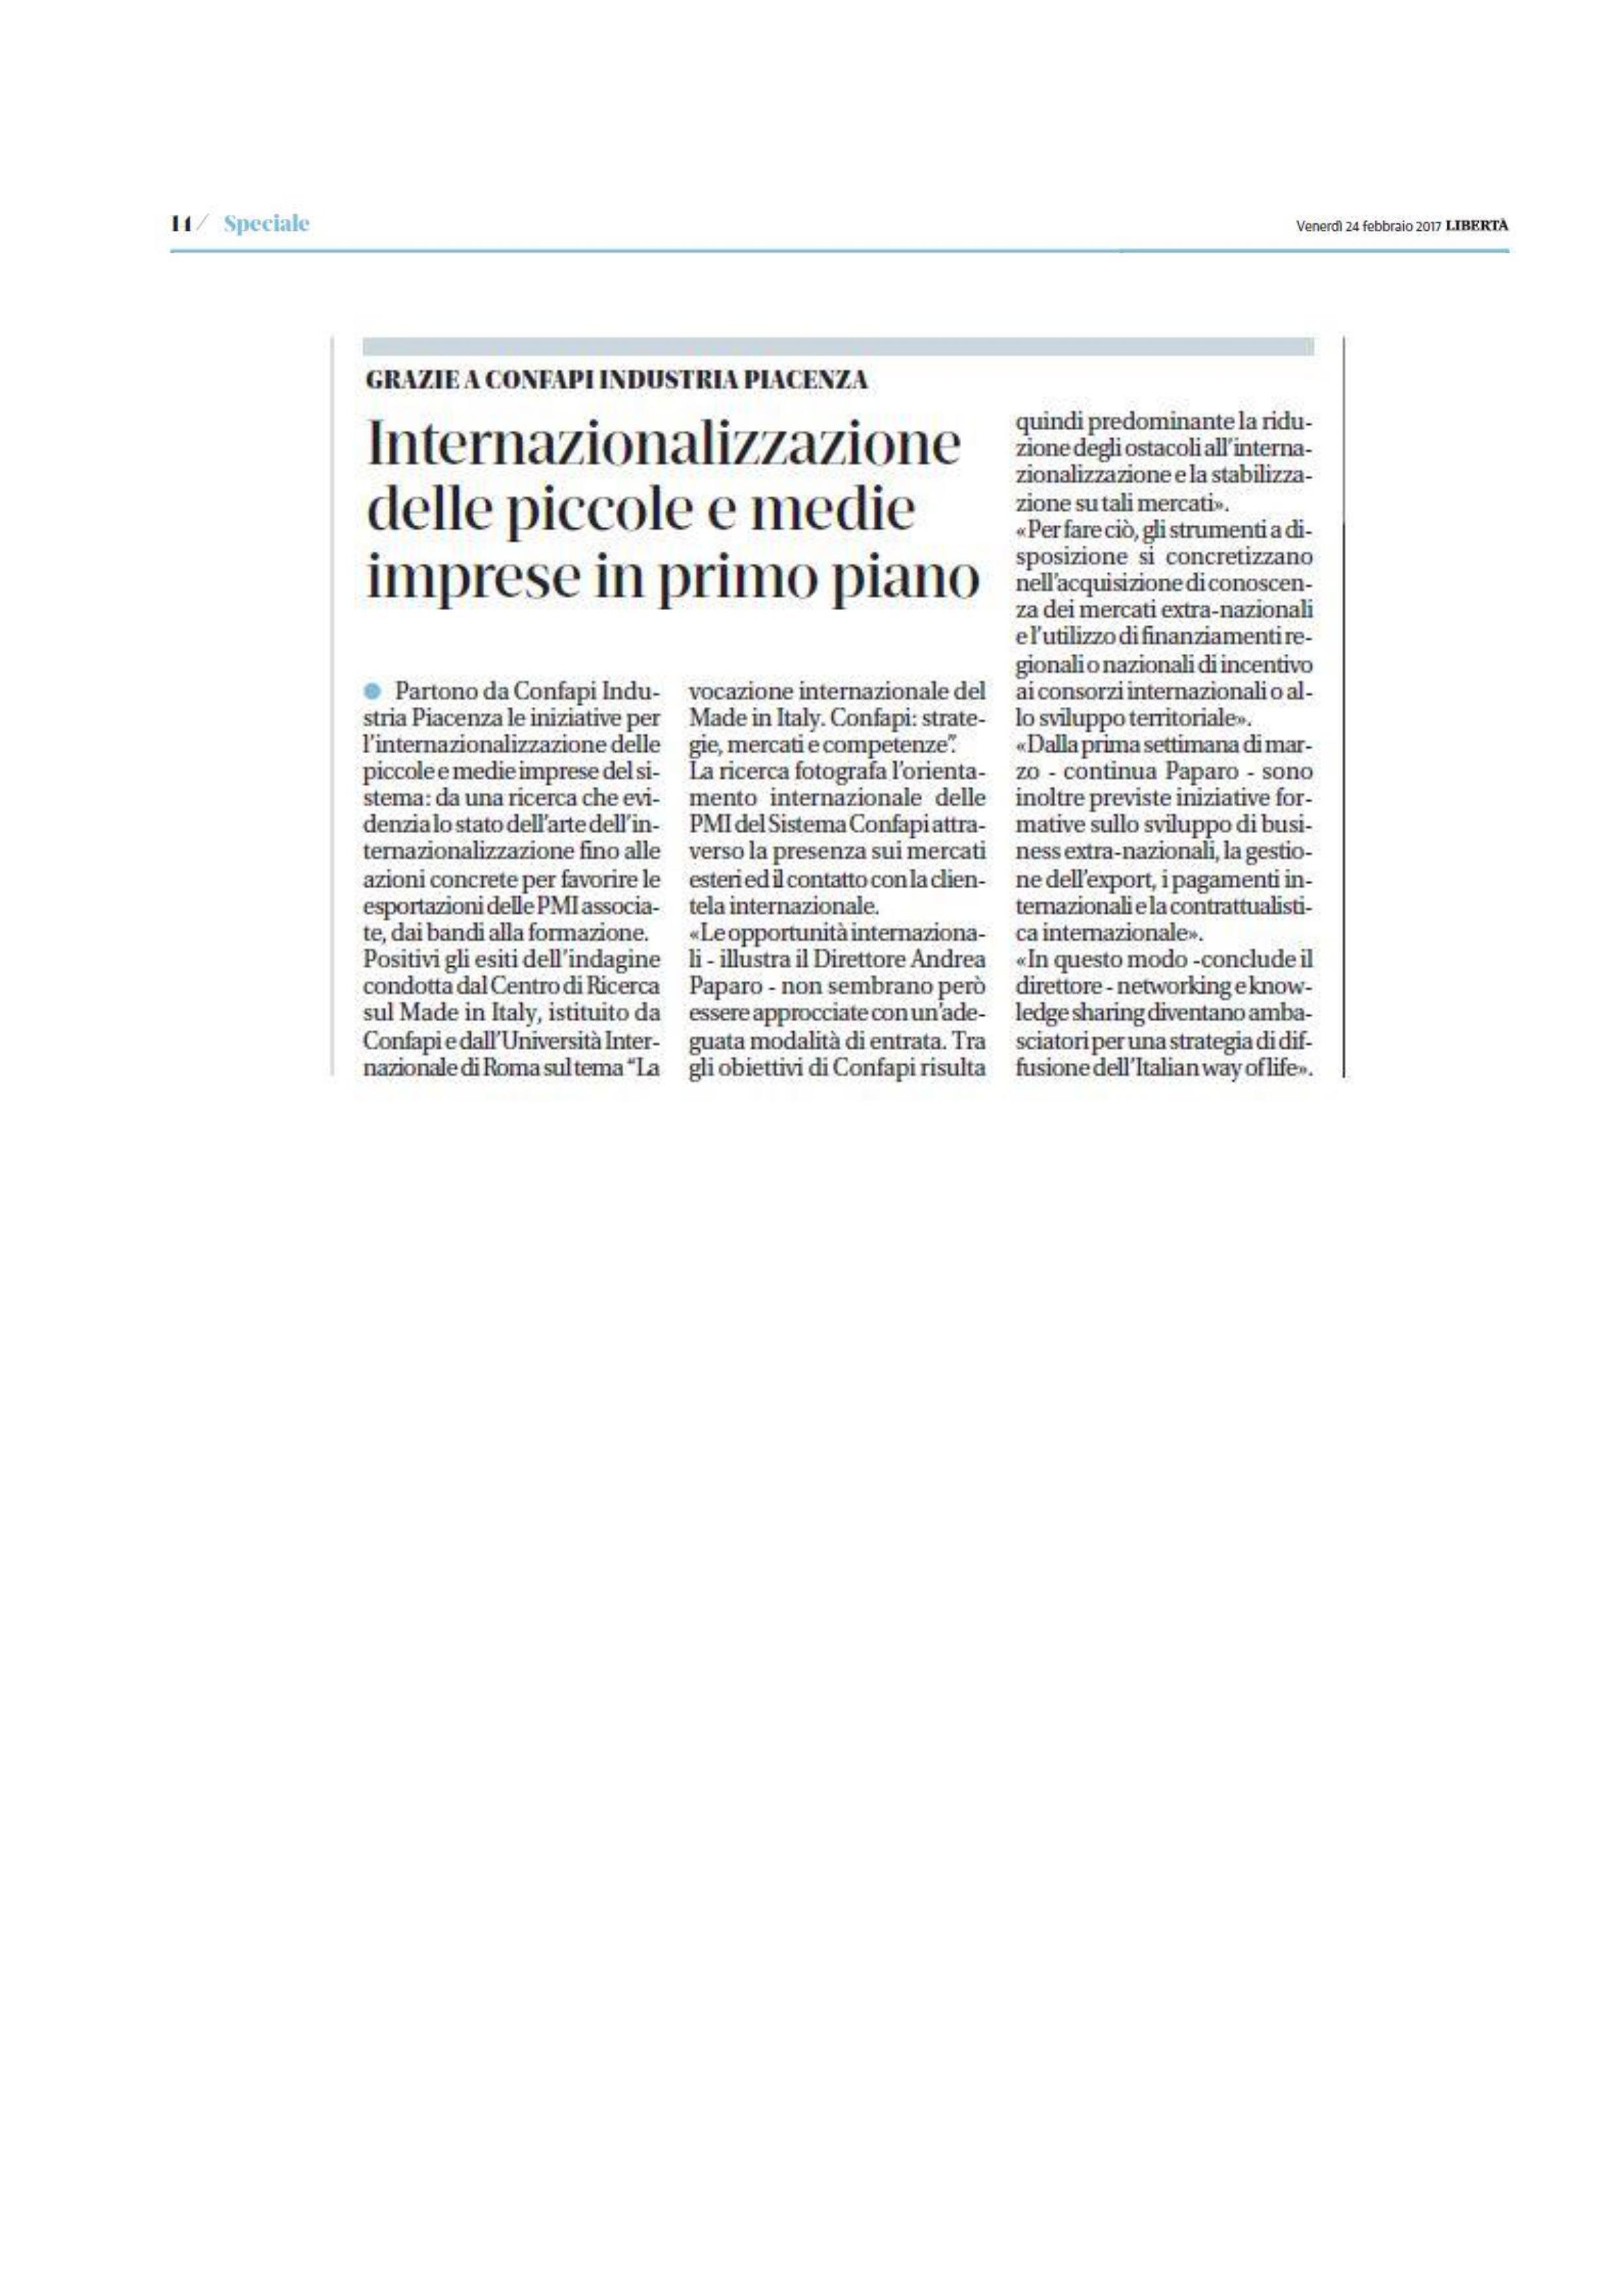 PMI In Forma: Internazionalizzazione Delle Piccole E Medie Imprese